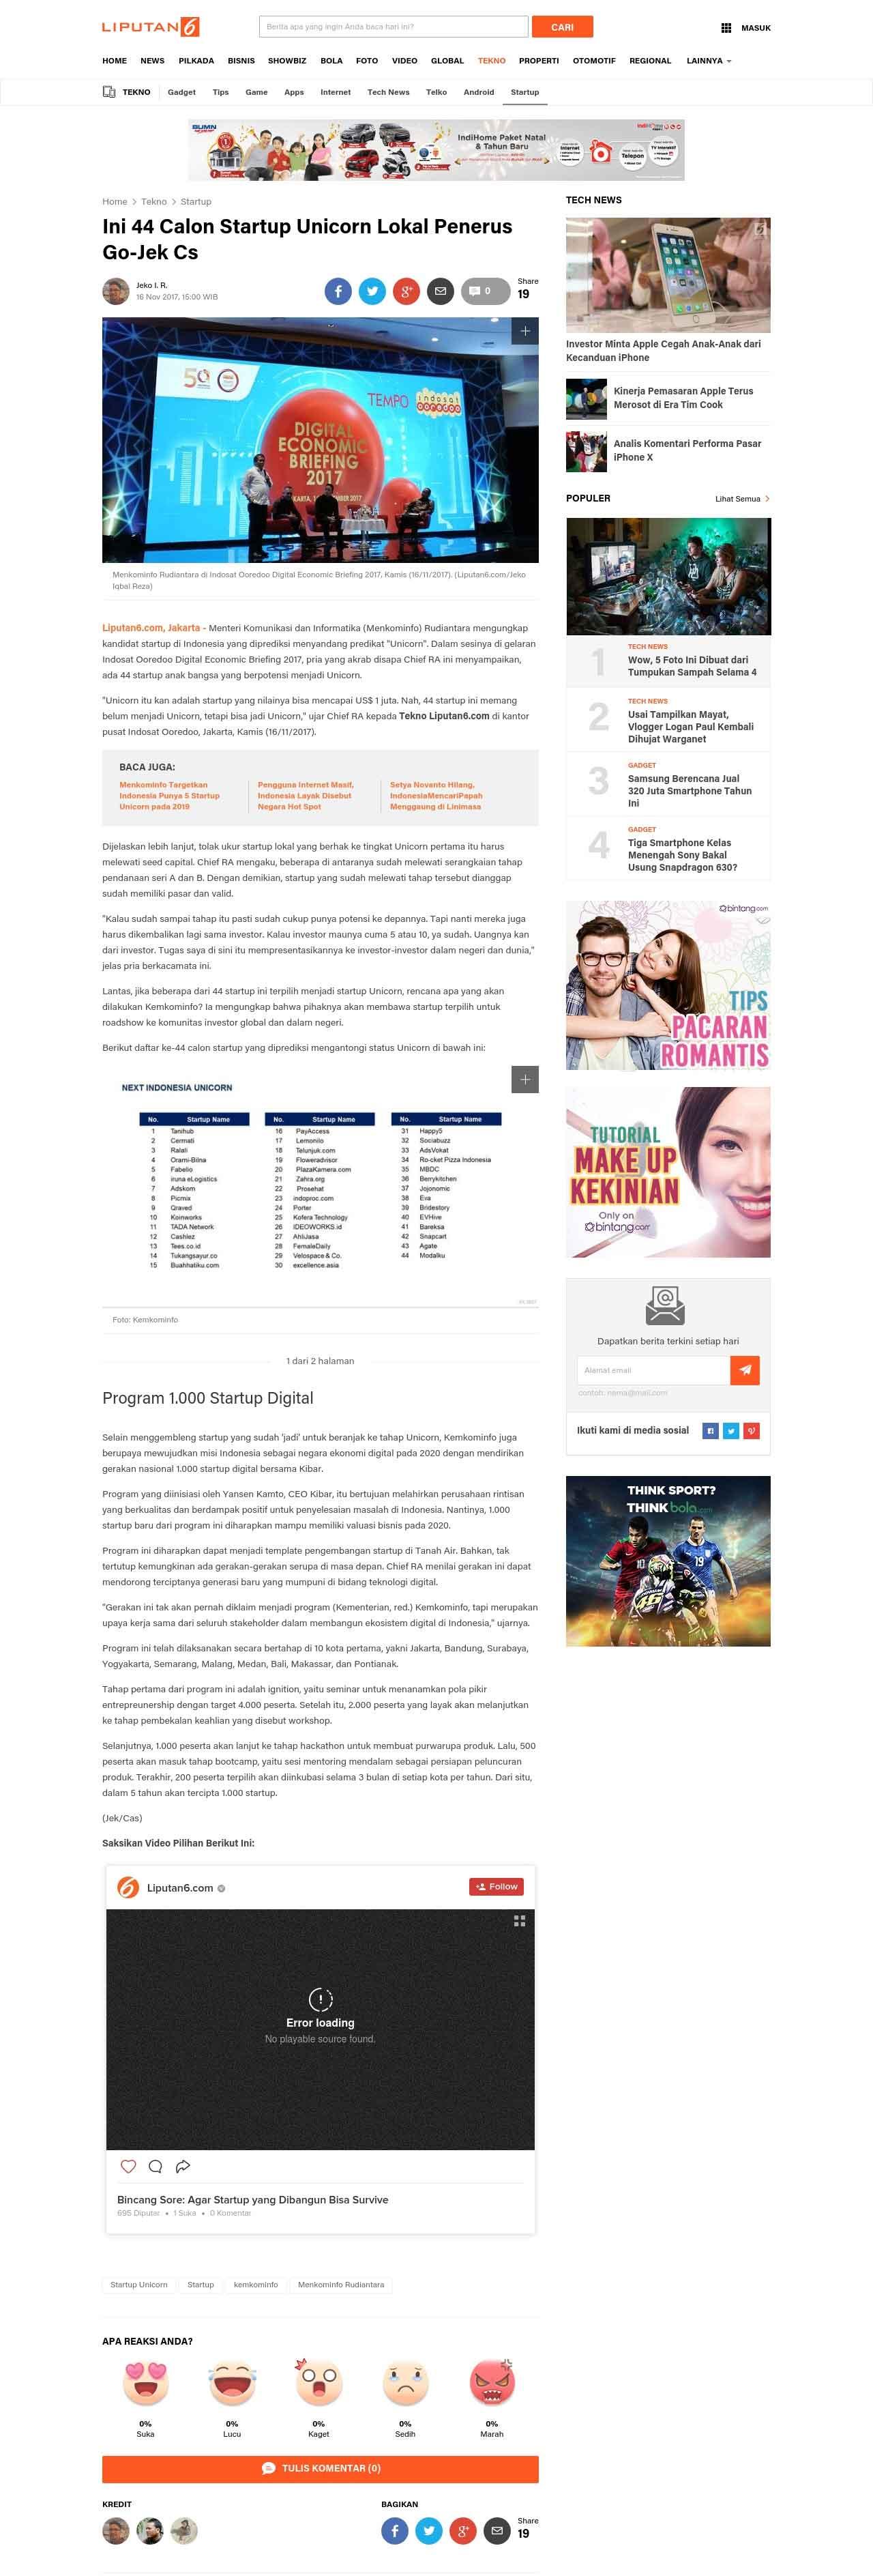 Liputan media plazakamera di liputan6.com